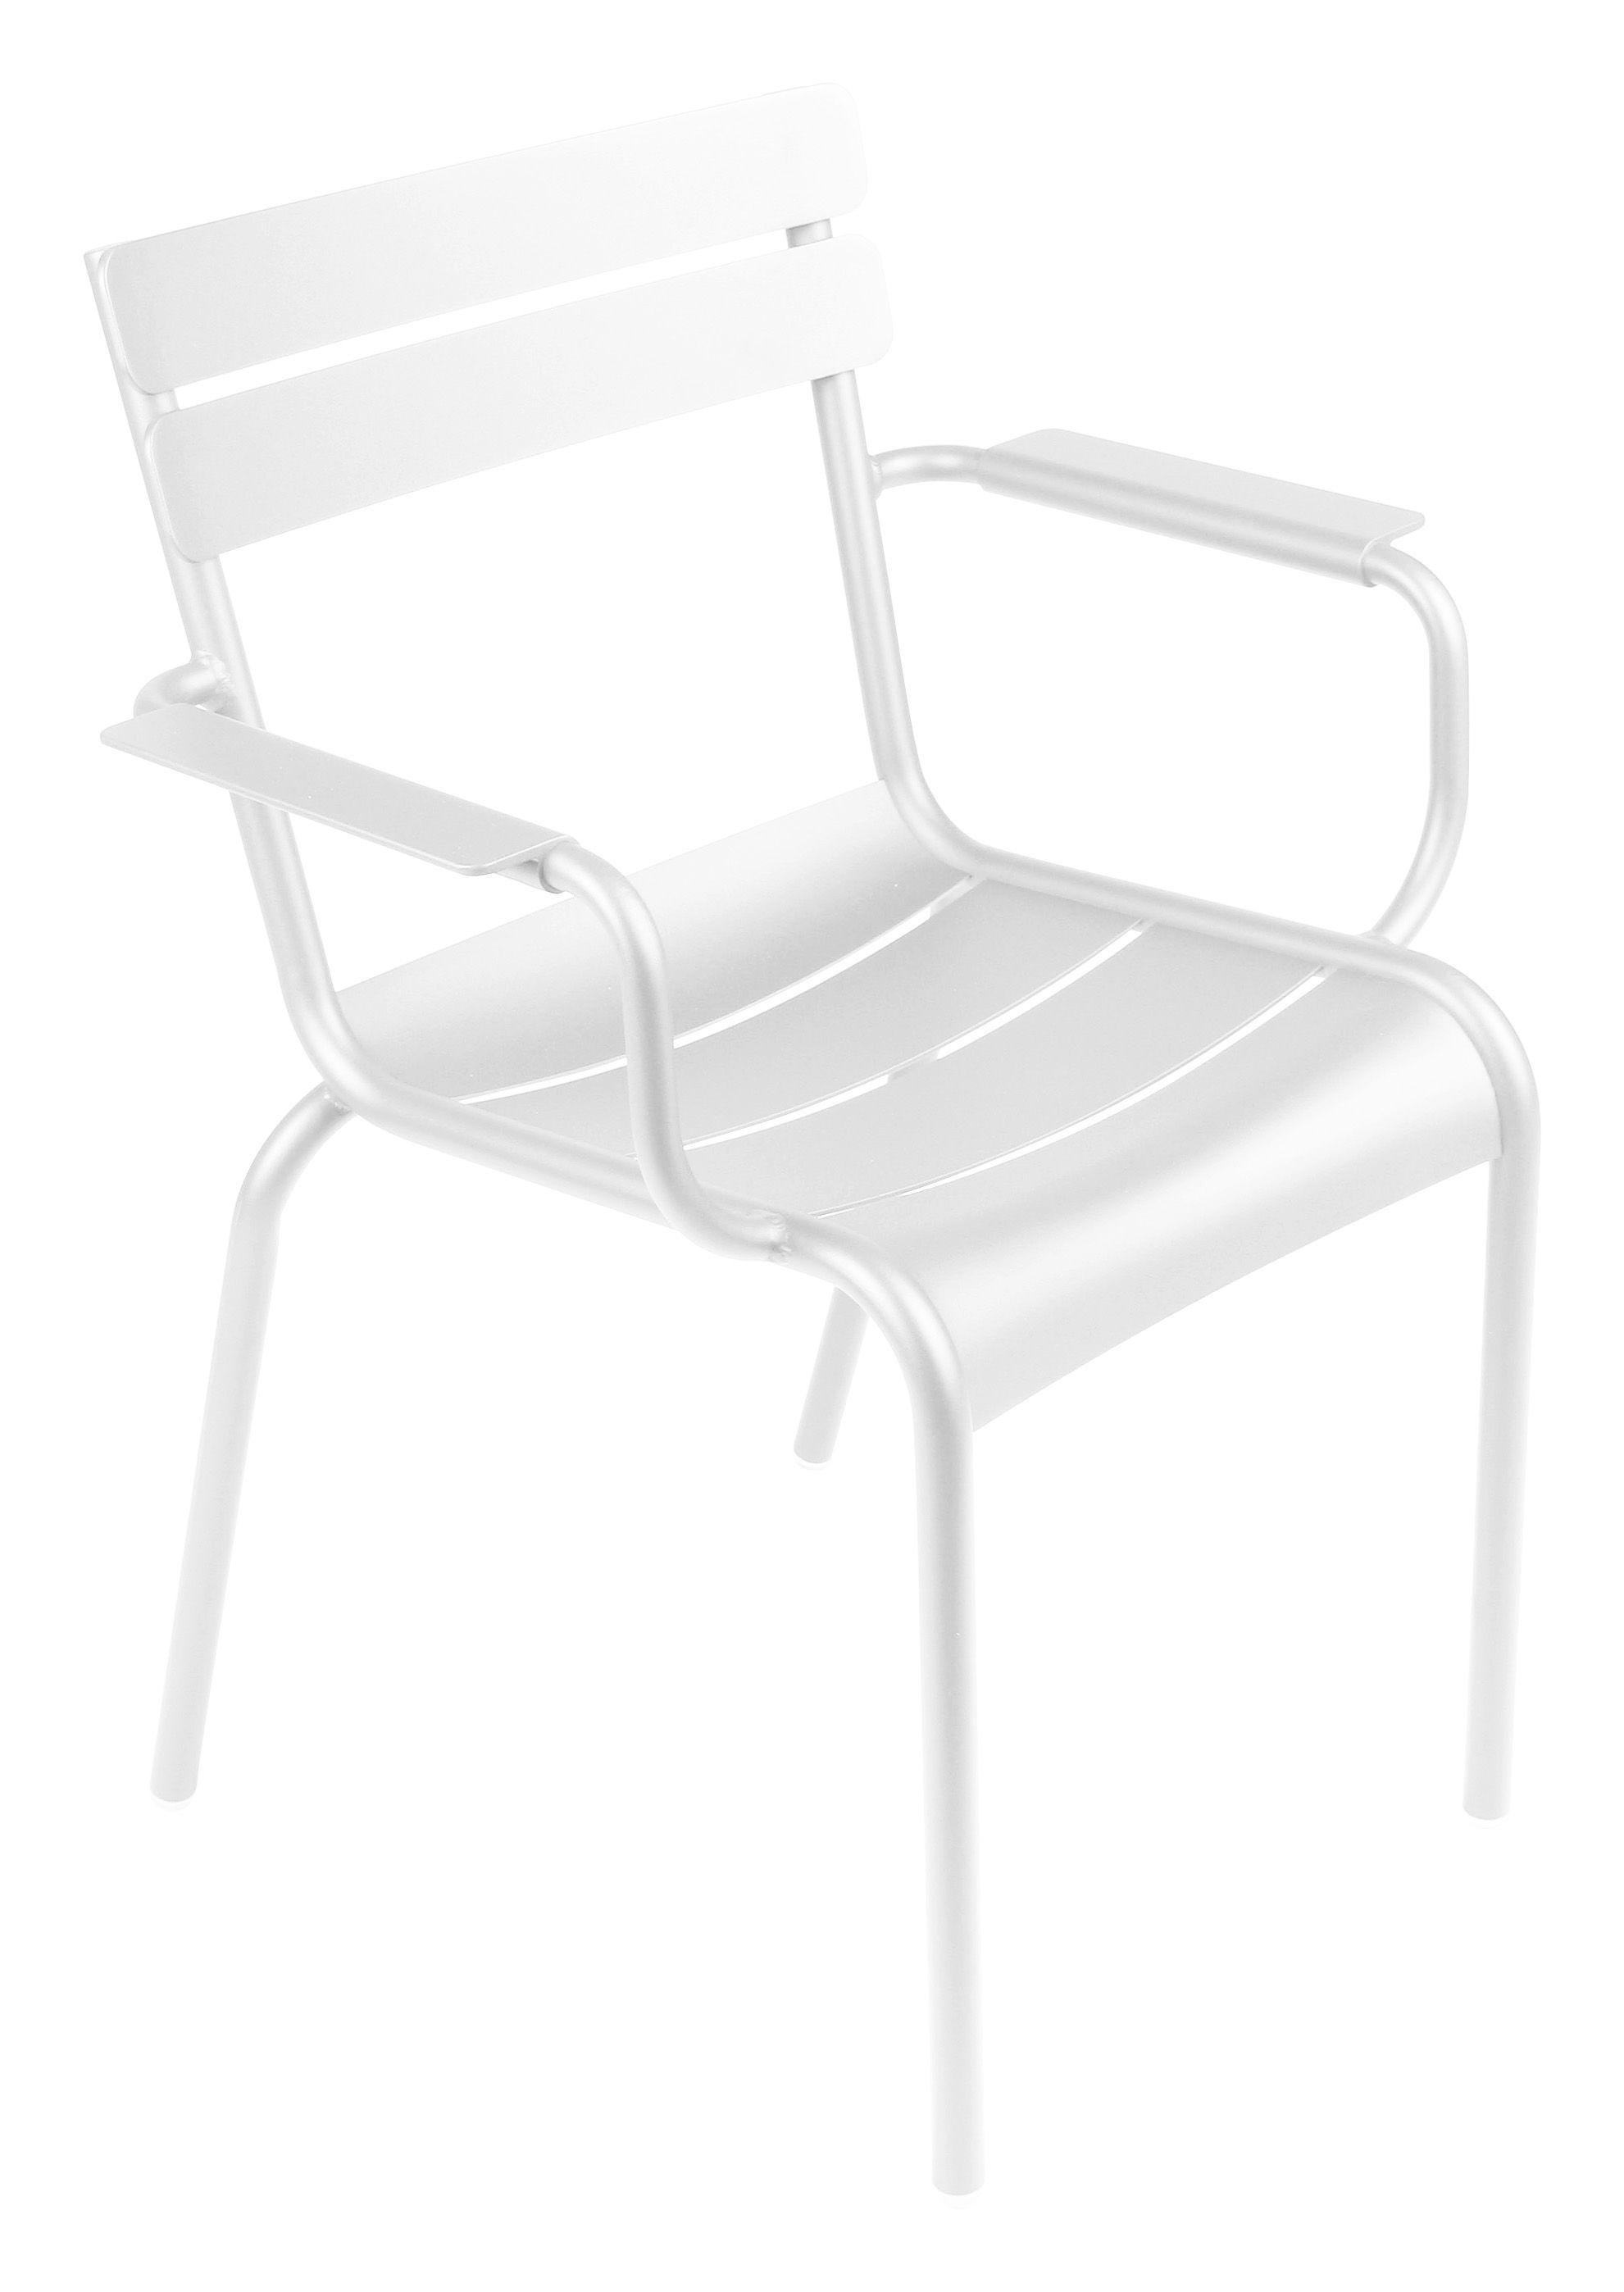 Life Style - Poltrona impilabile Luxembourg di Fermob - Bianco - Alluminio laccato